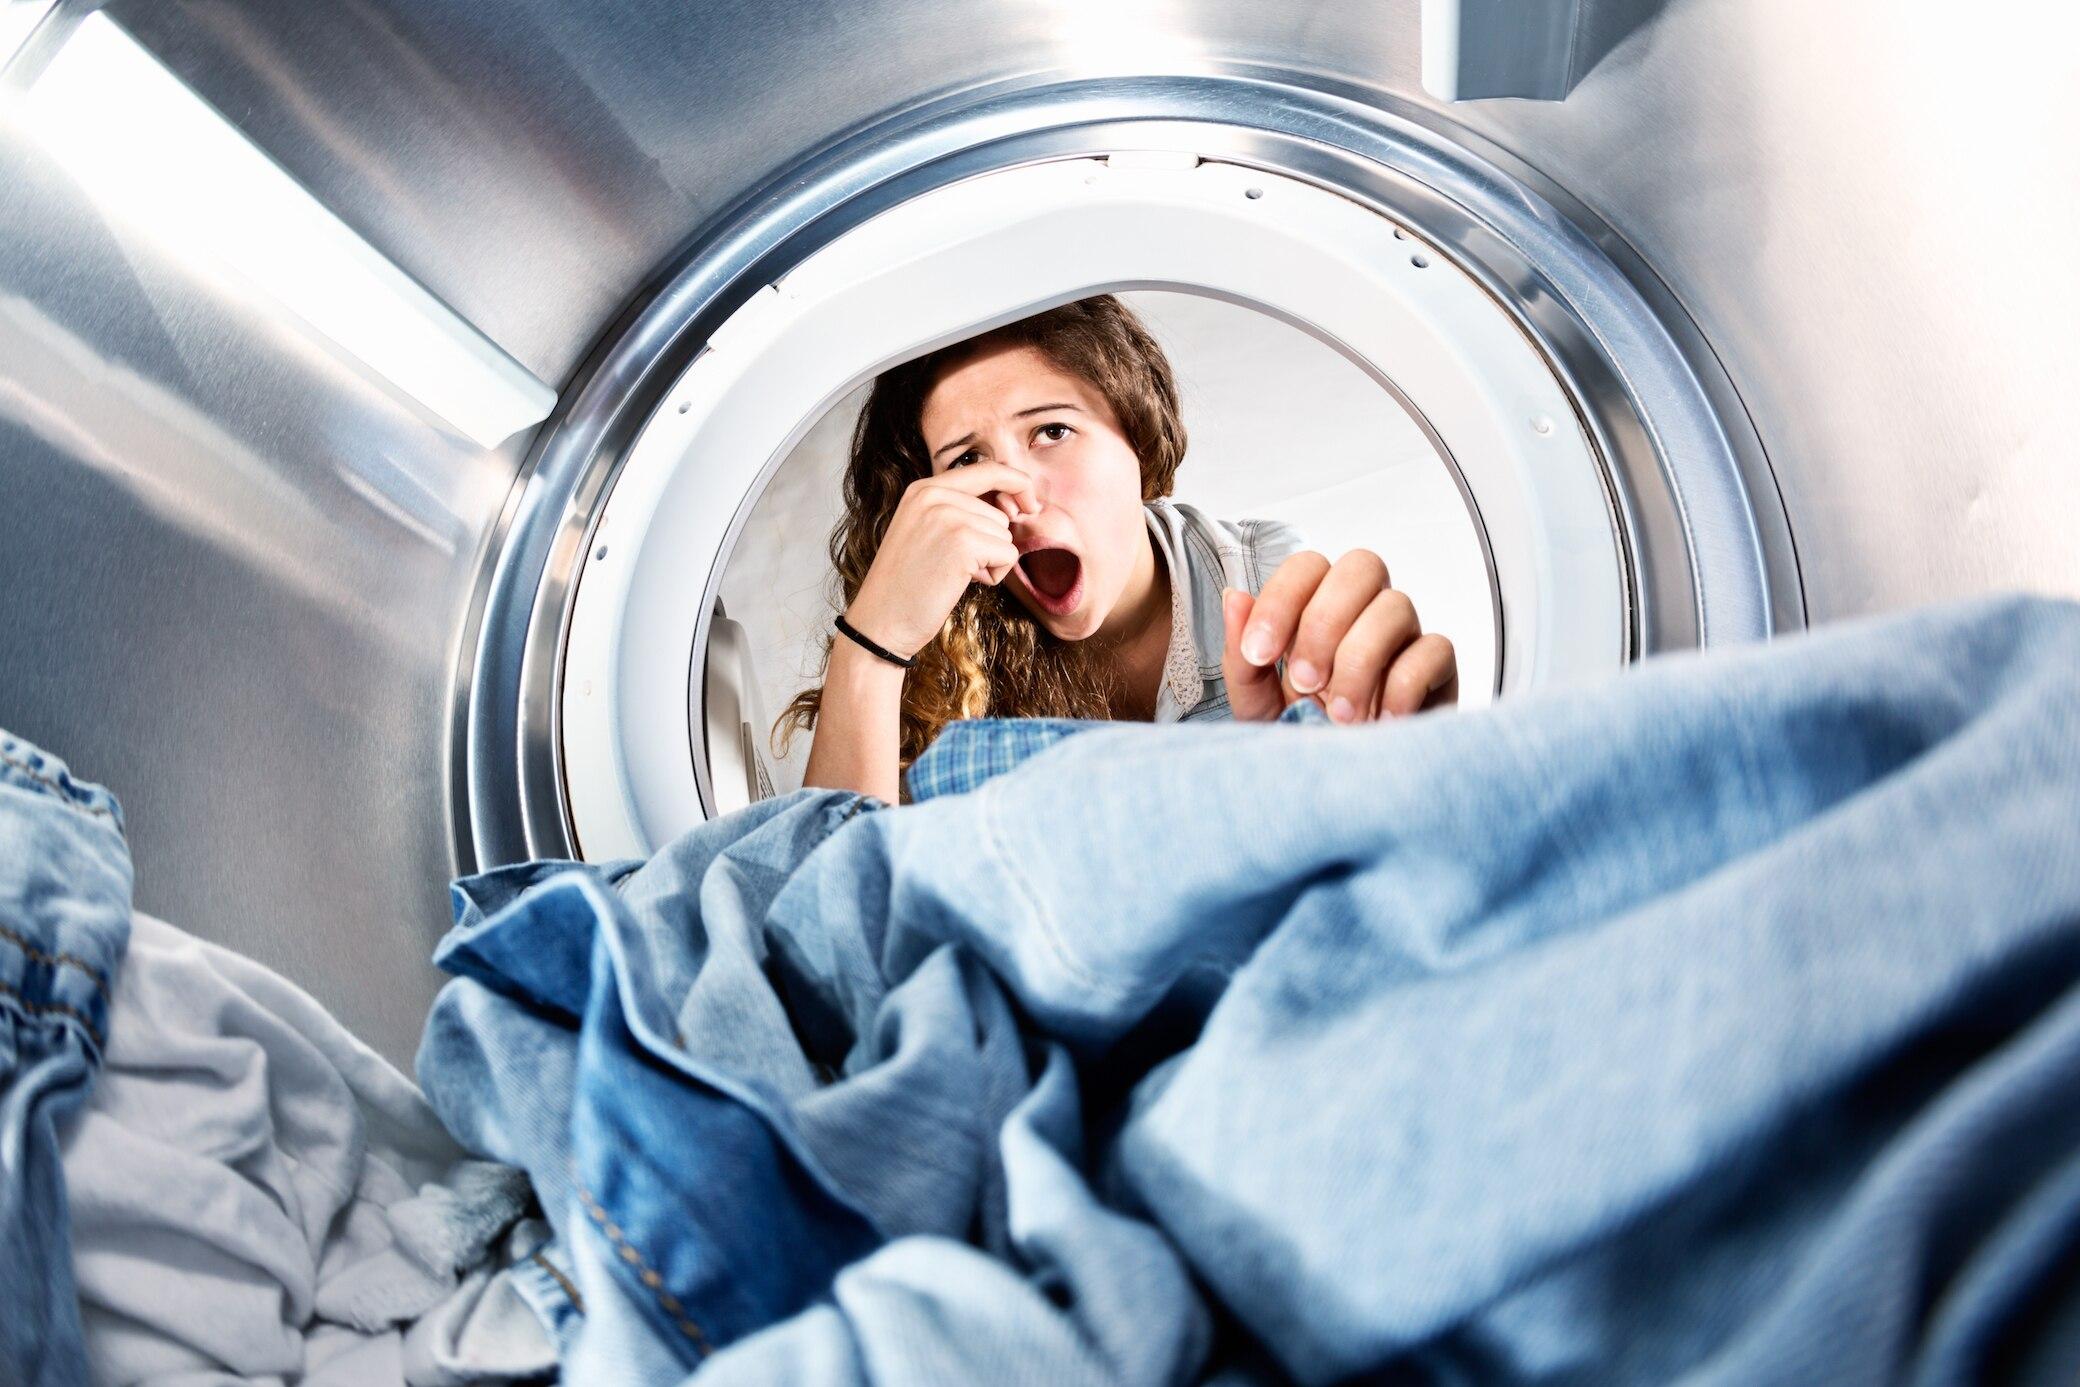 Beliebt Waschmaschine stinkt? So wird man lästige Gerüche los | STYLEBOOK AW65